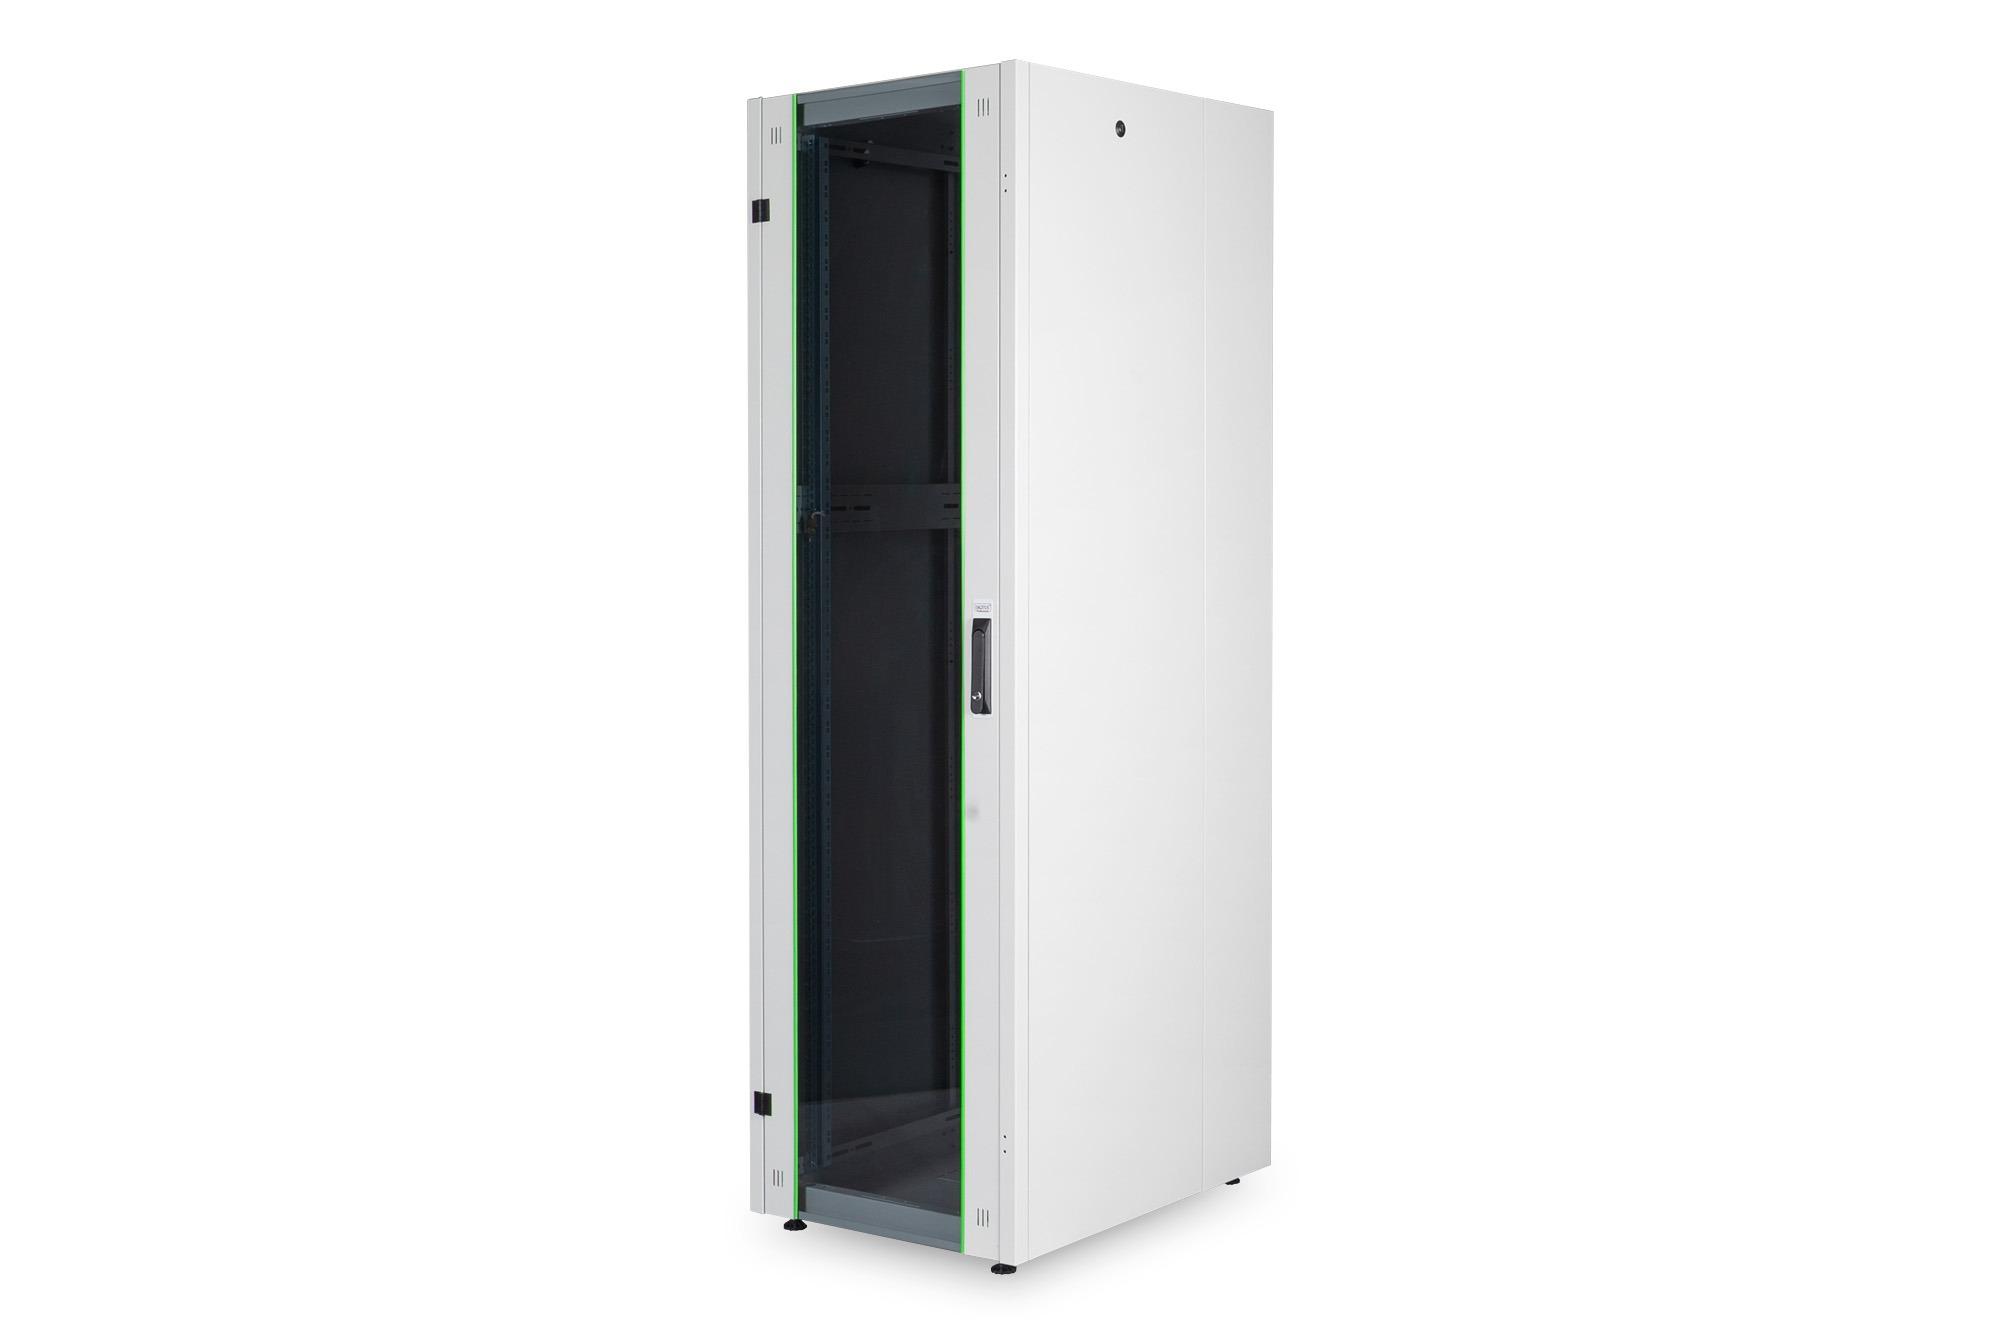 Armadio rack per reti 19″ 16u (a)855, (l)600, (p)800 colore grigio porta vetro disassemblato digitus